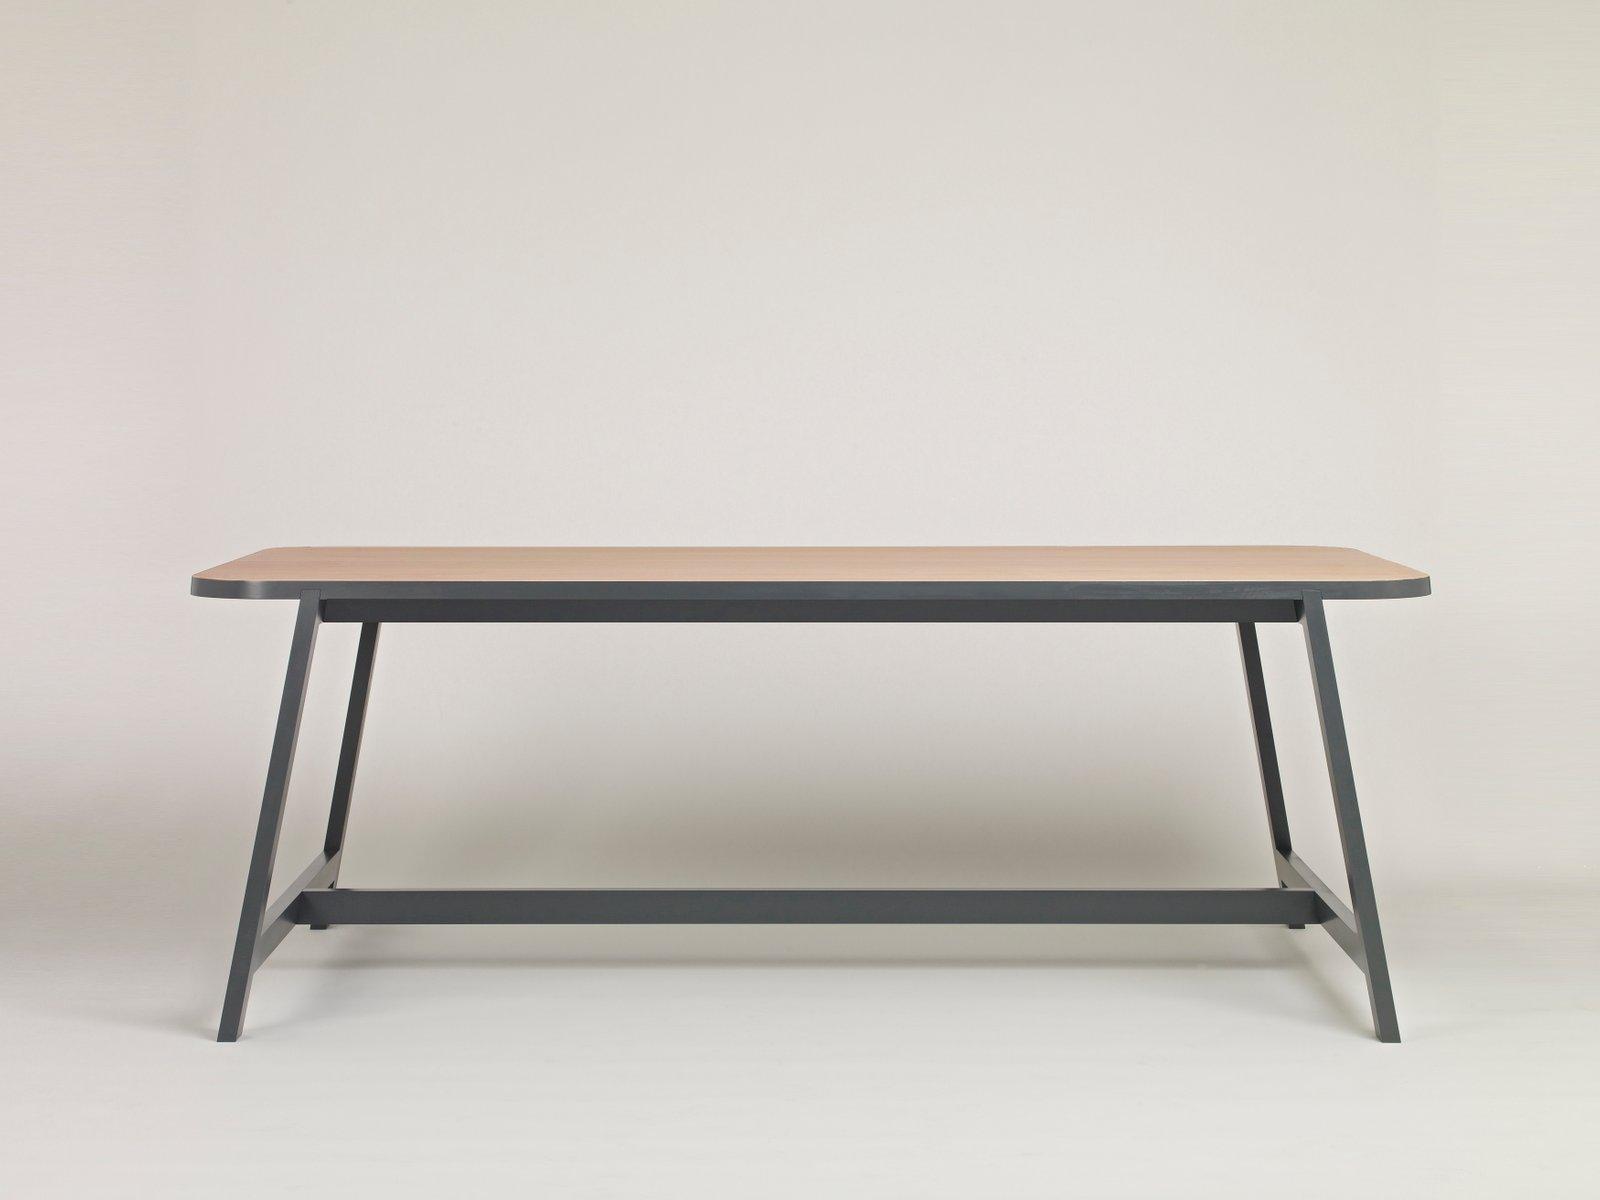 grande table de salle manger three en h tre gris laqu par another country en vente sur pamono. Black Bedroom Furniture Sets. Home Design Ideas